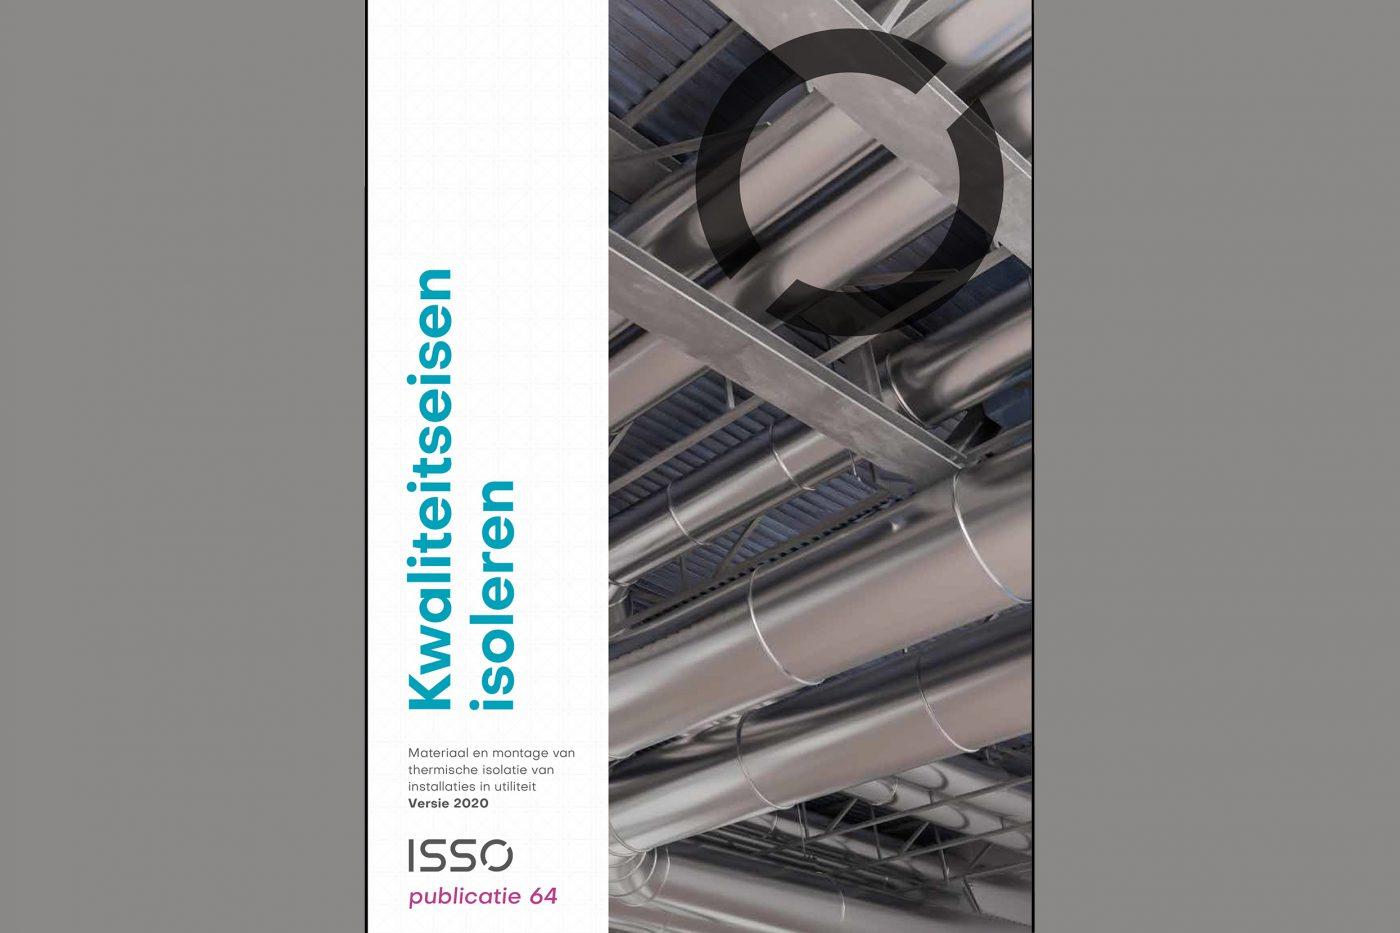 ISSO-publicatie 64